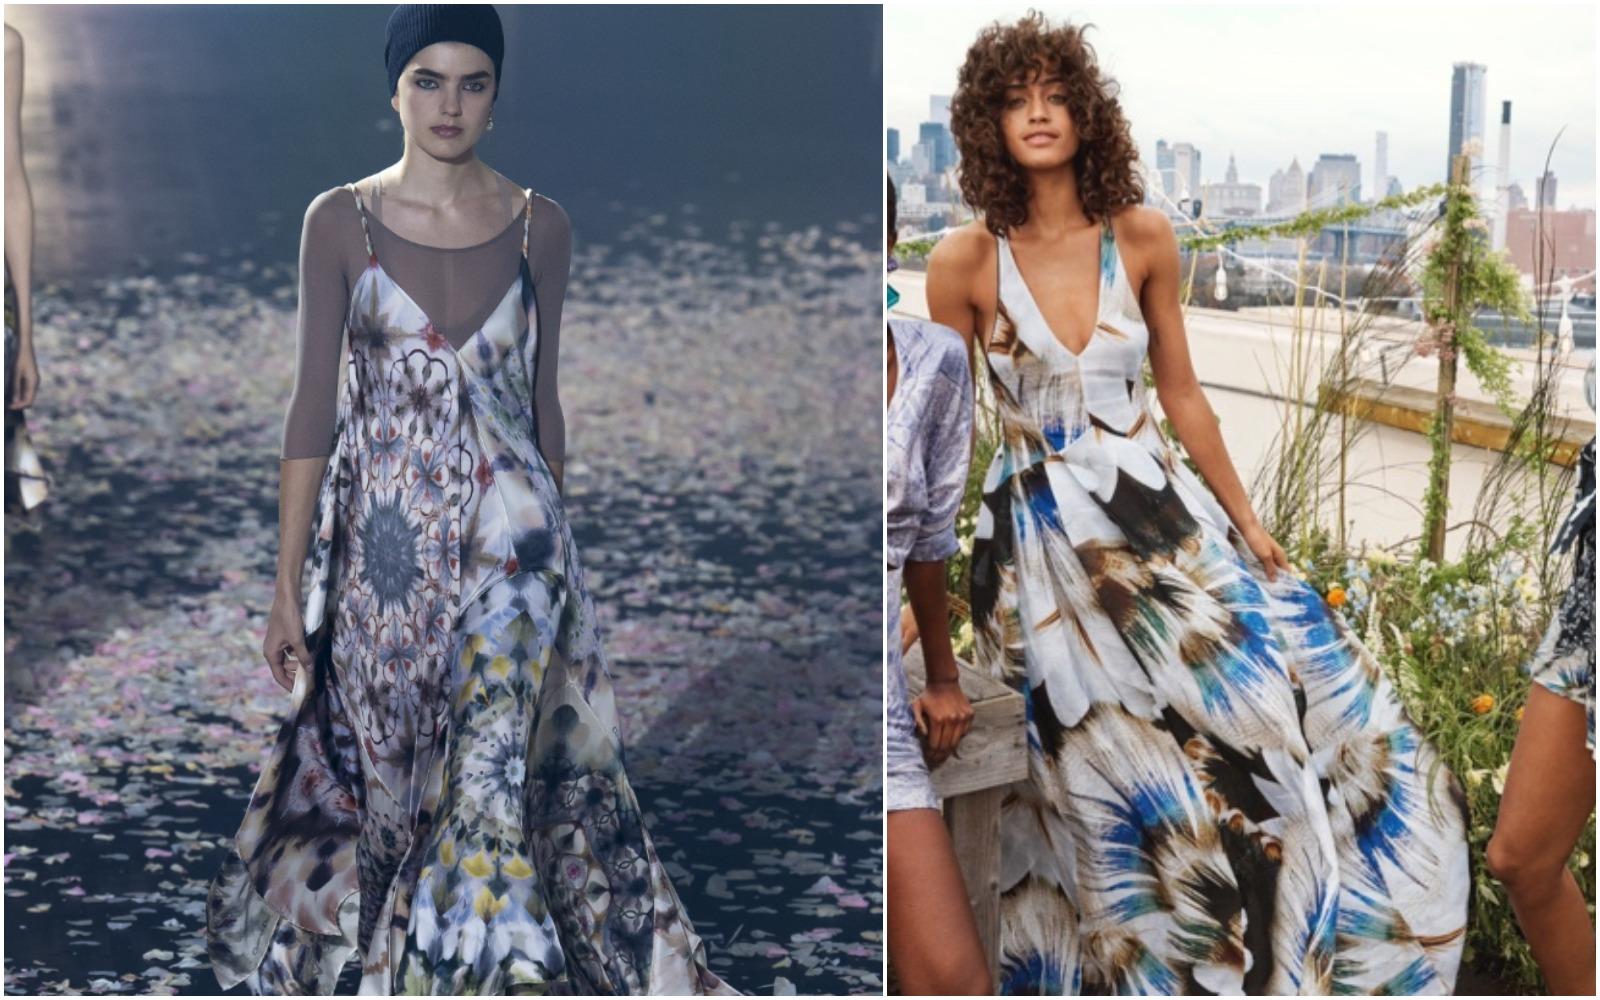 Uuups! Diafană într-o rochie lungă, cu imprimeu: Dior sau H&M?